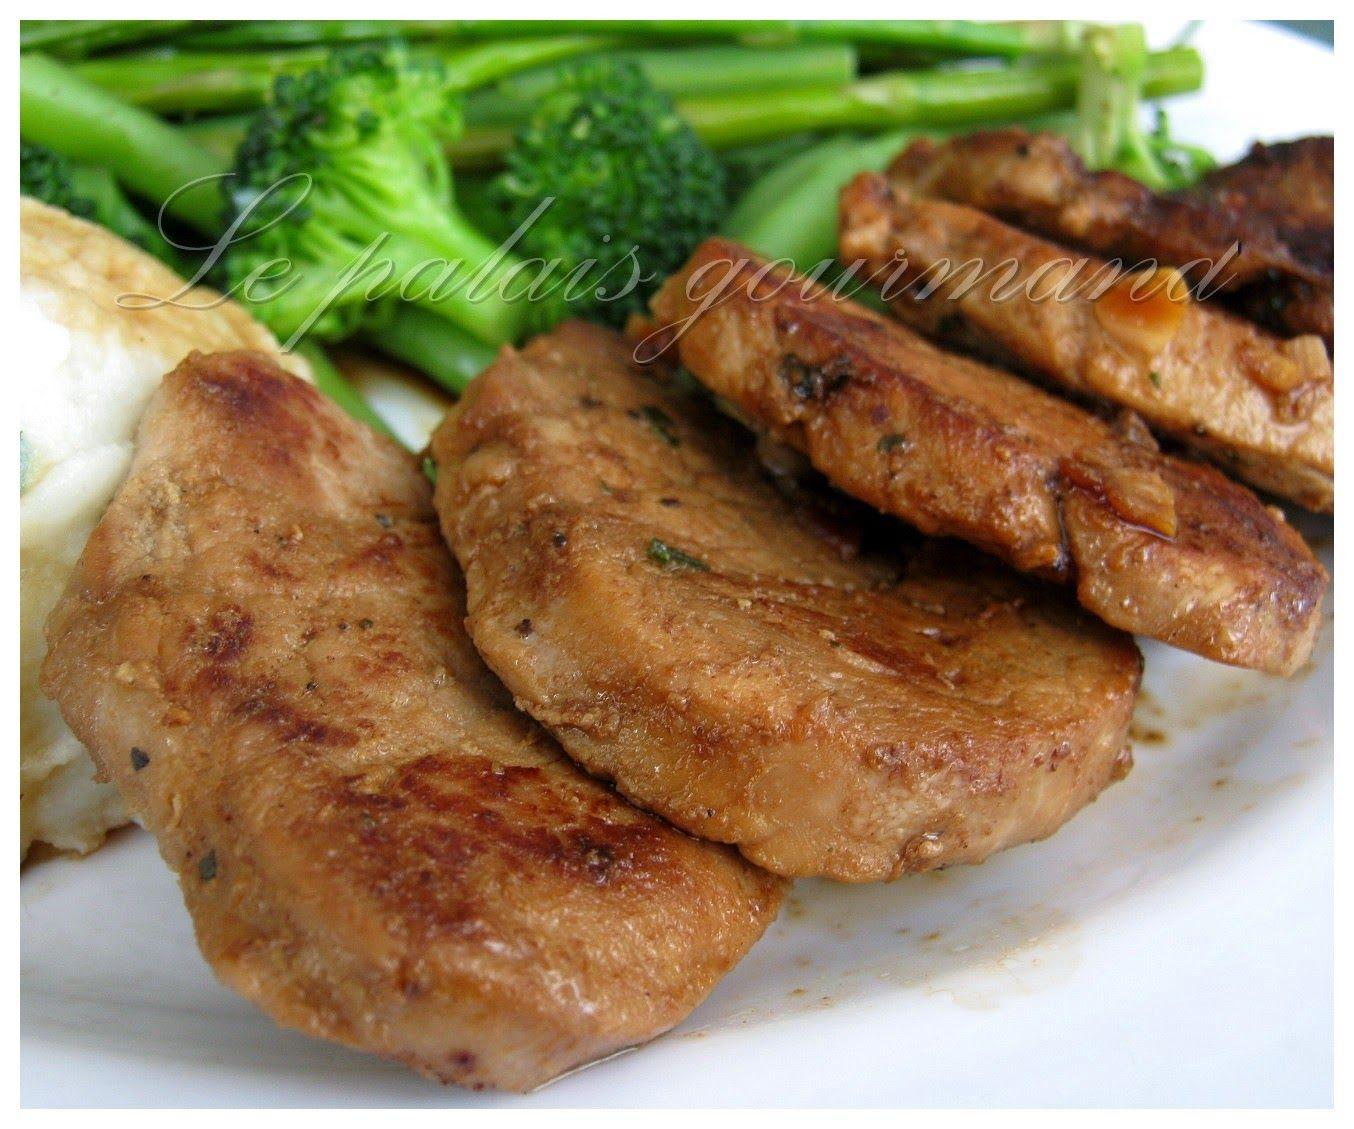 Le palais gourmand: Filet de porc à l'orange et au gingembre